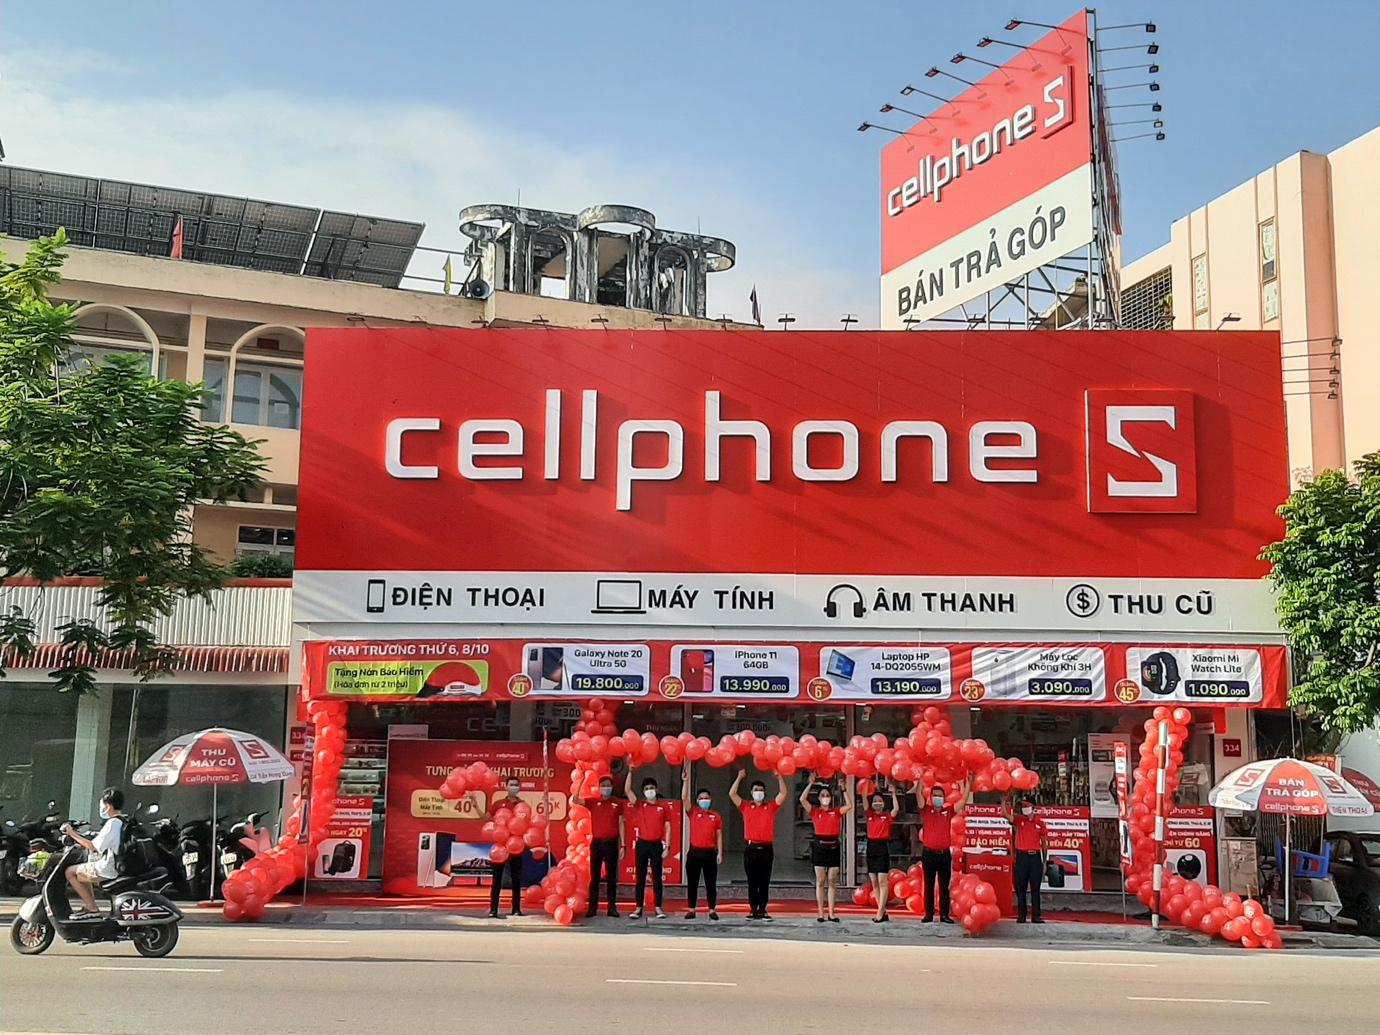 CellphoneS khai trương cửa hàng đầu tiên tại Bắc Ninh - 1